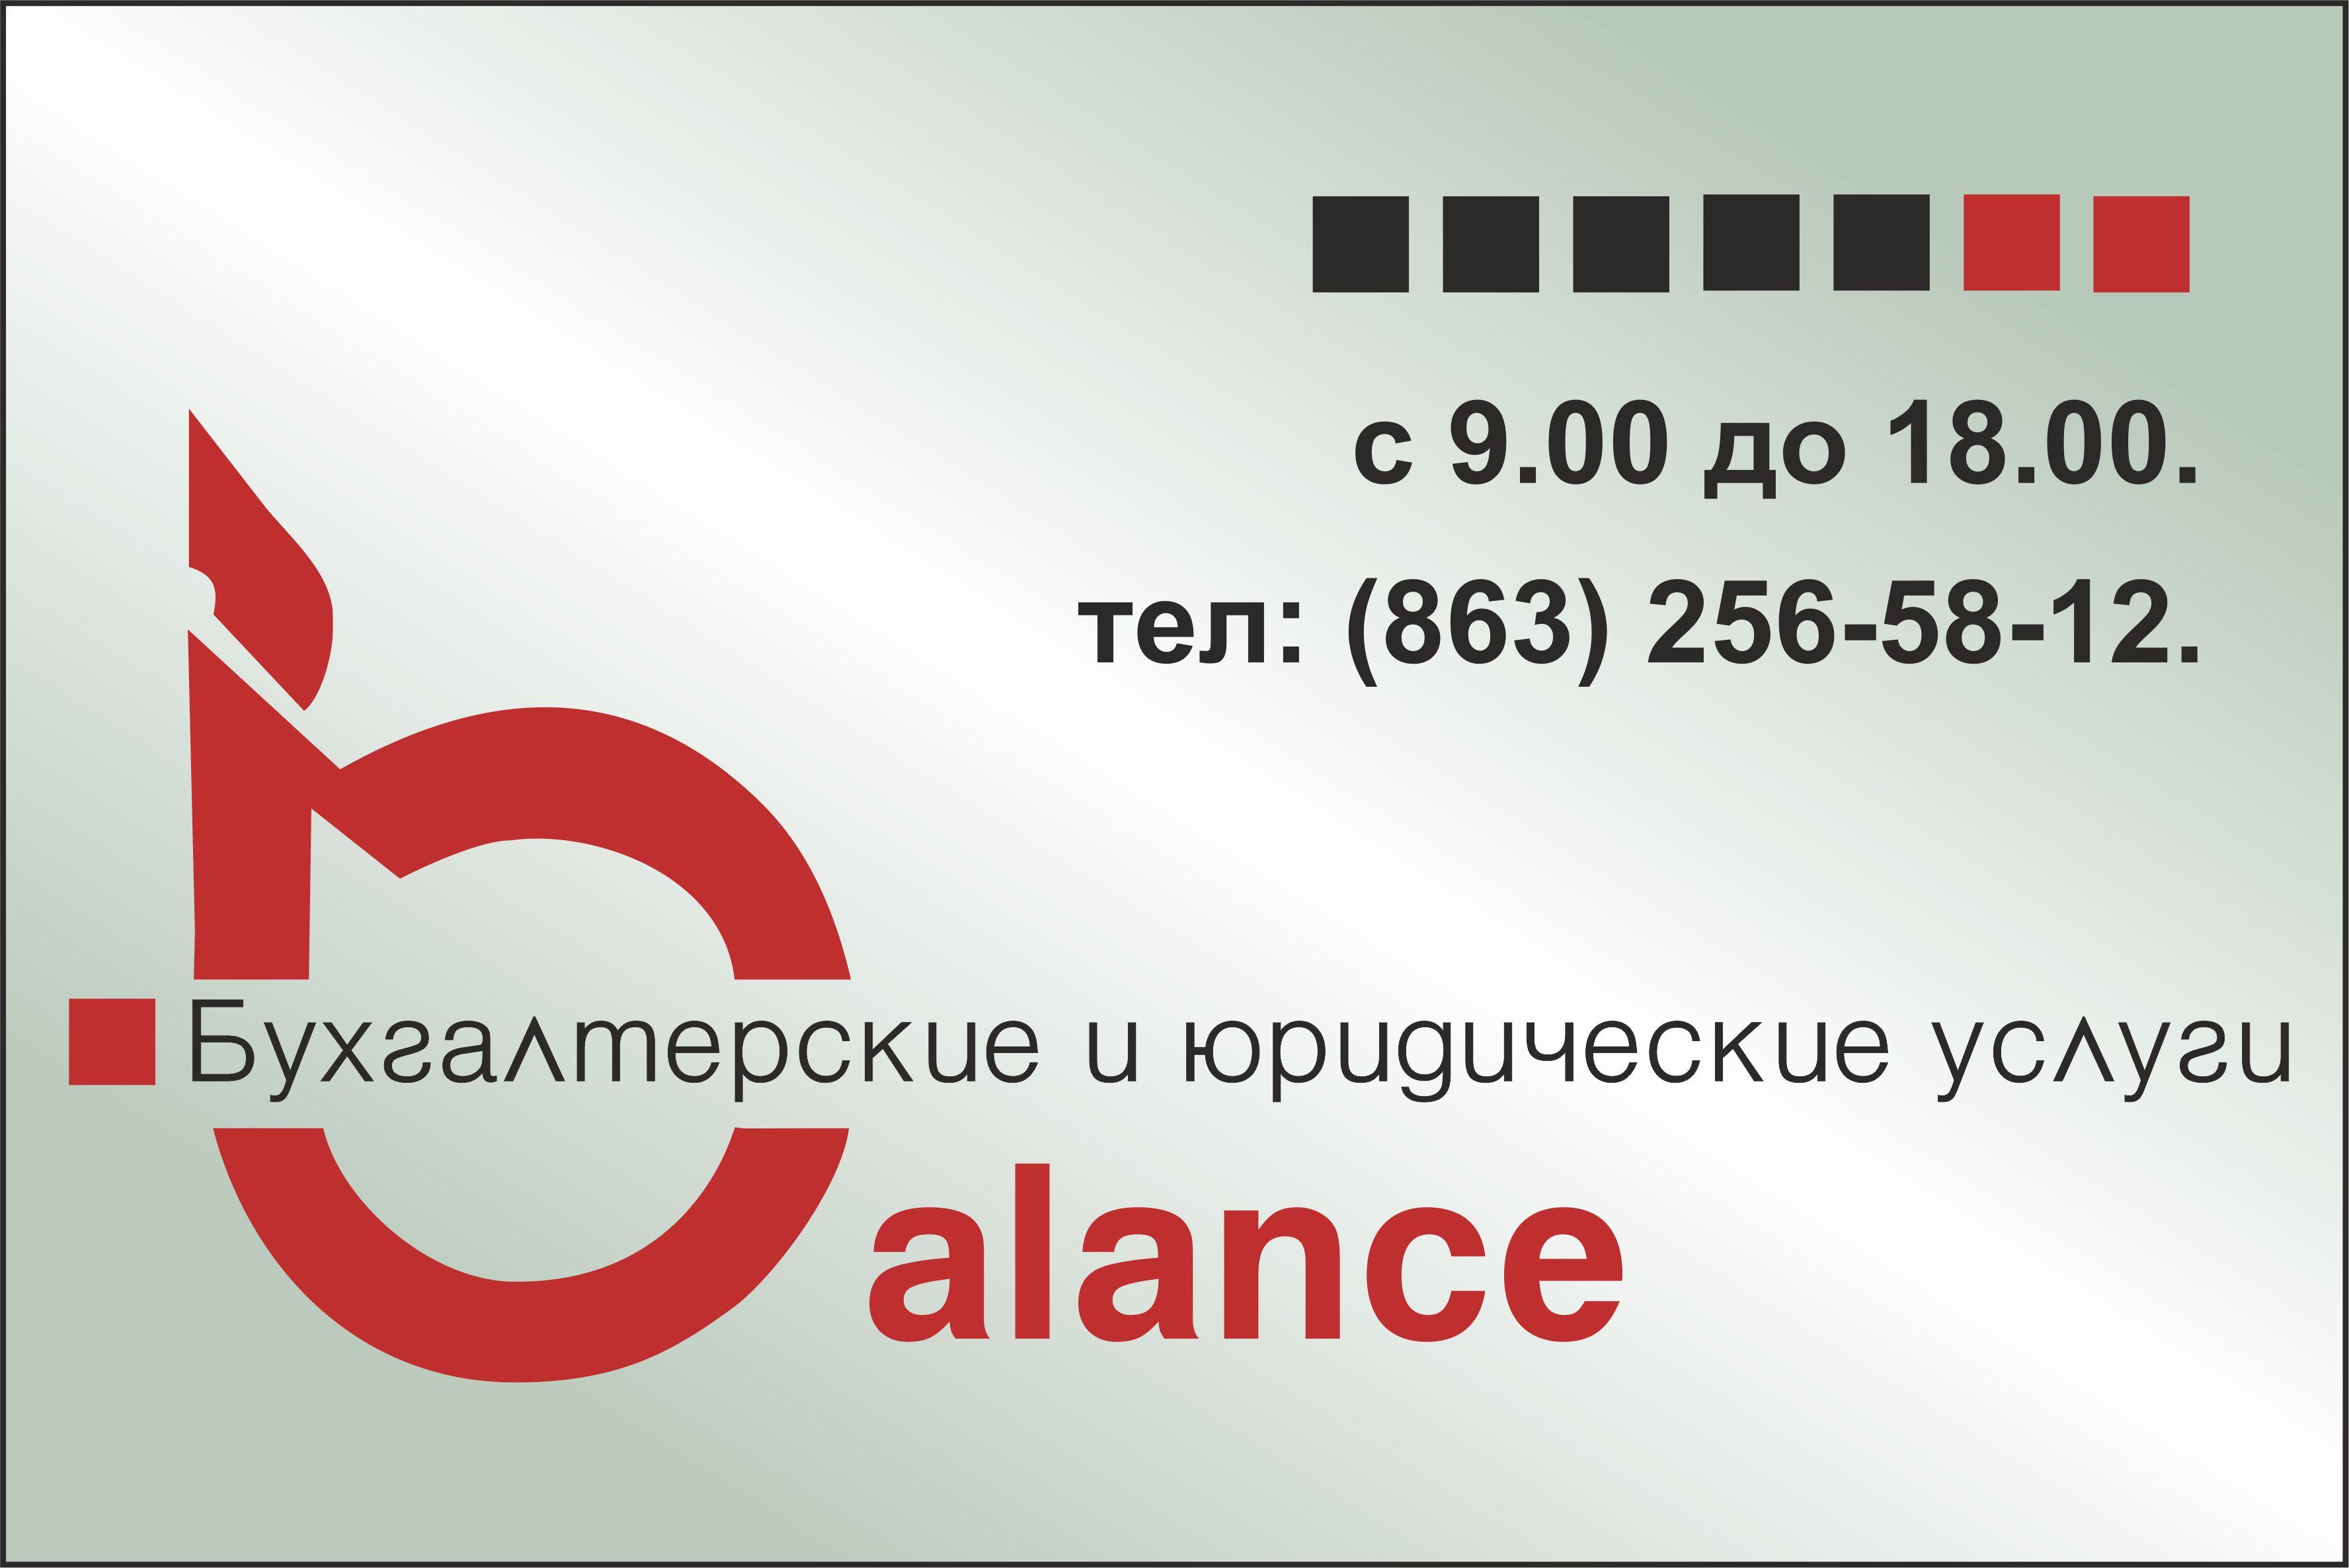 Выполнен заказ на таблички из металла 0,7 мм., структурное серебро, с двухсторонним скотчем для компании из Ростова-на-Дону.